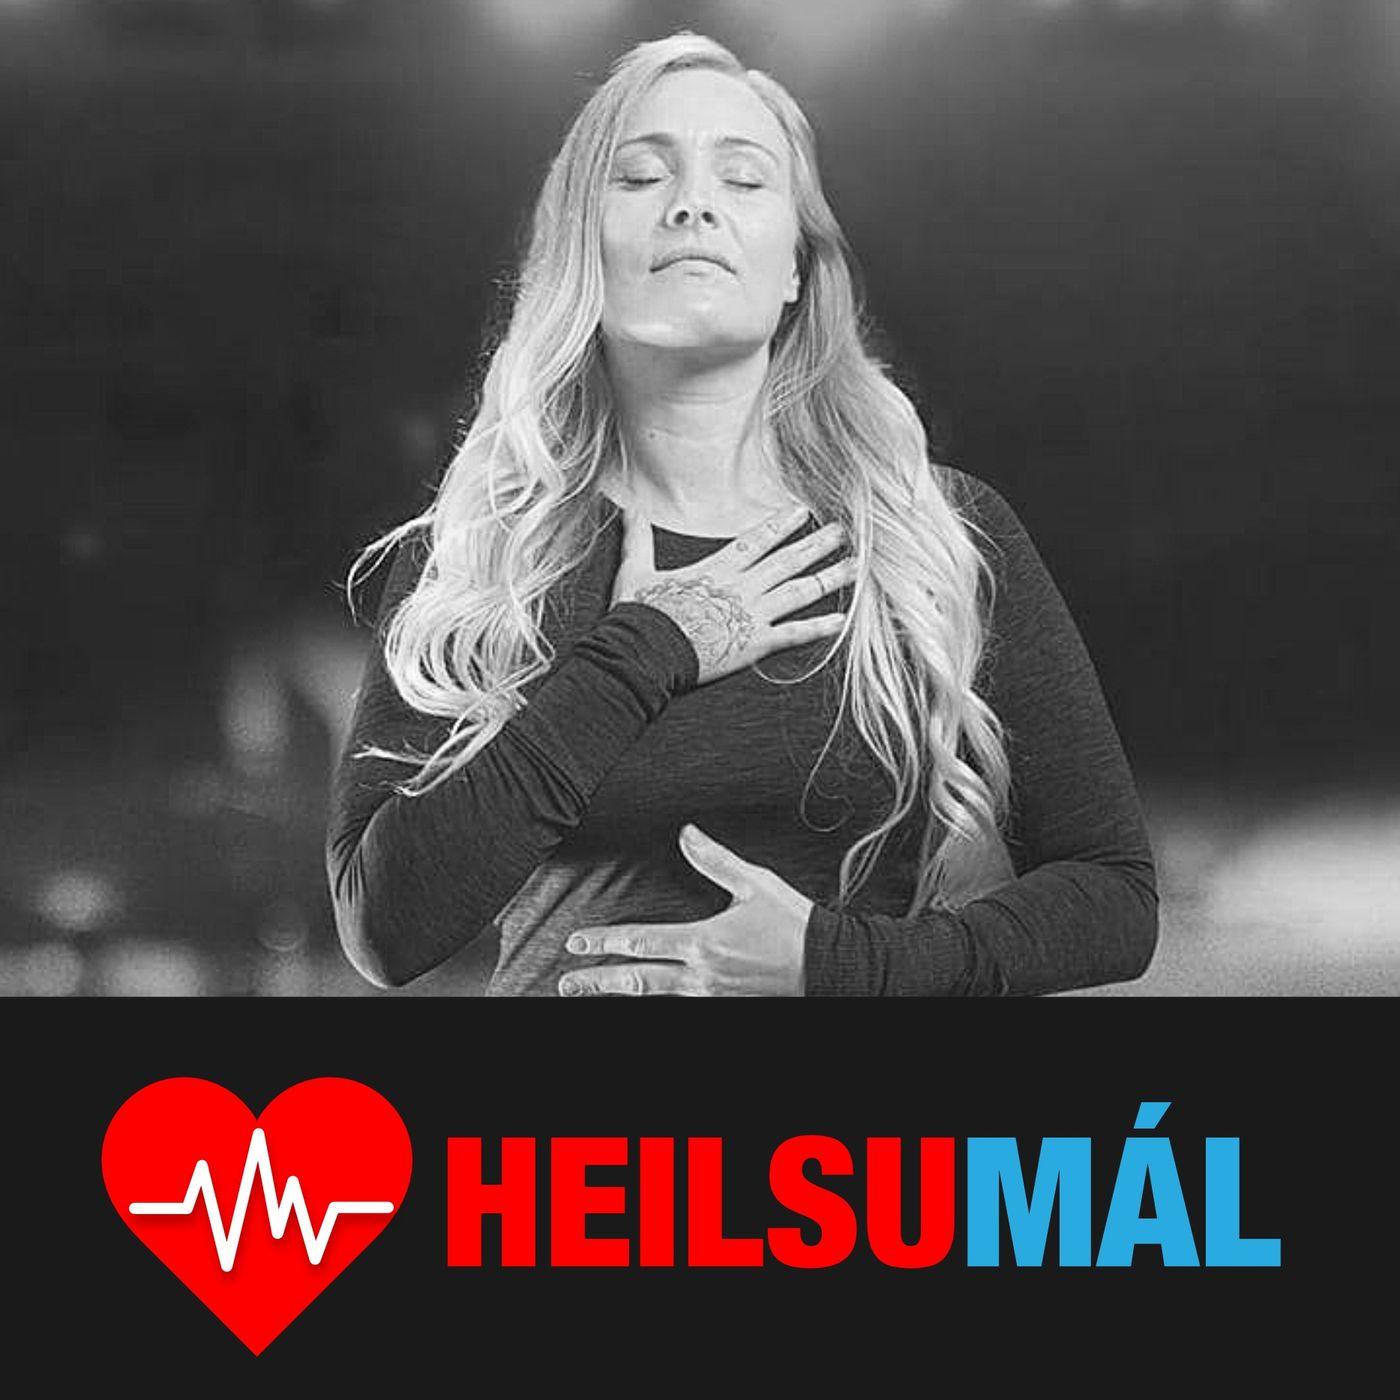 Heilsumál 16 - Upplifun af eitruðu sambandi - Berglind Rúnarsdóttir